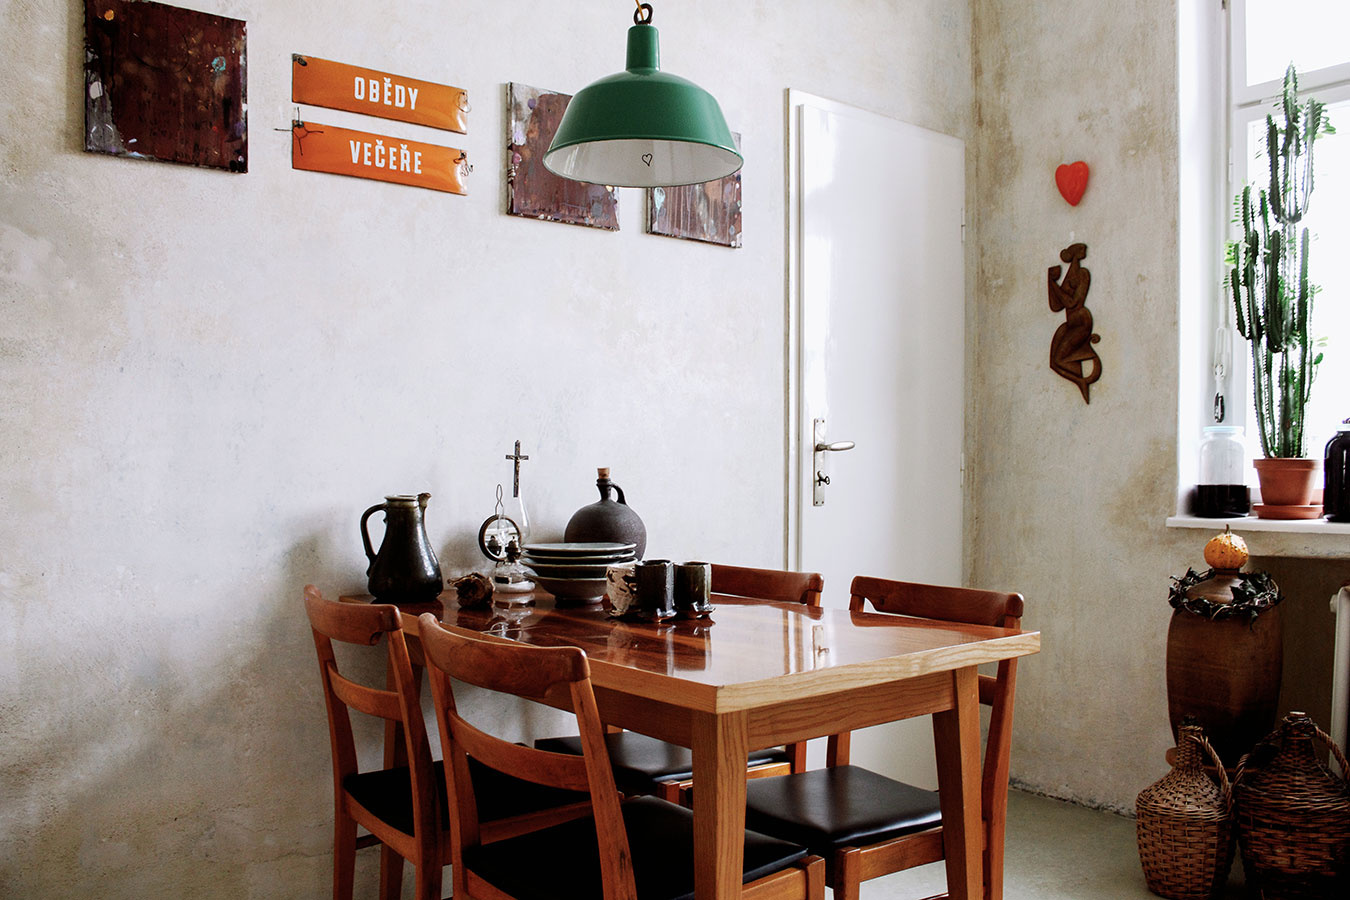 Jedálenské sedenie tvorí zladená zostava stoličiek a stola. Jednou zvýnimiek, ktoré sa vymykajú z rámca funkcionalistického dizajnu vbyte, je závesné svietidlo nad stolom. Ide ooriginál pochádzajúci ztovárne.